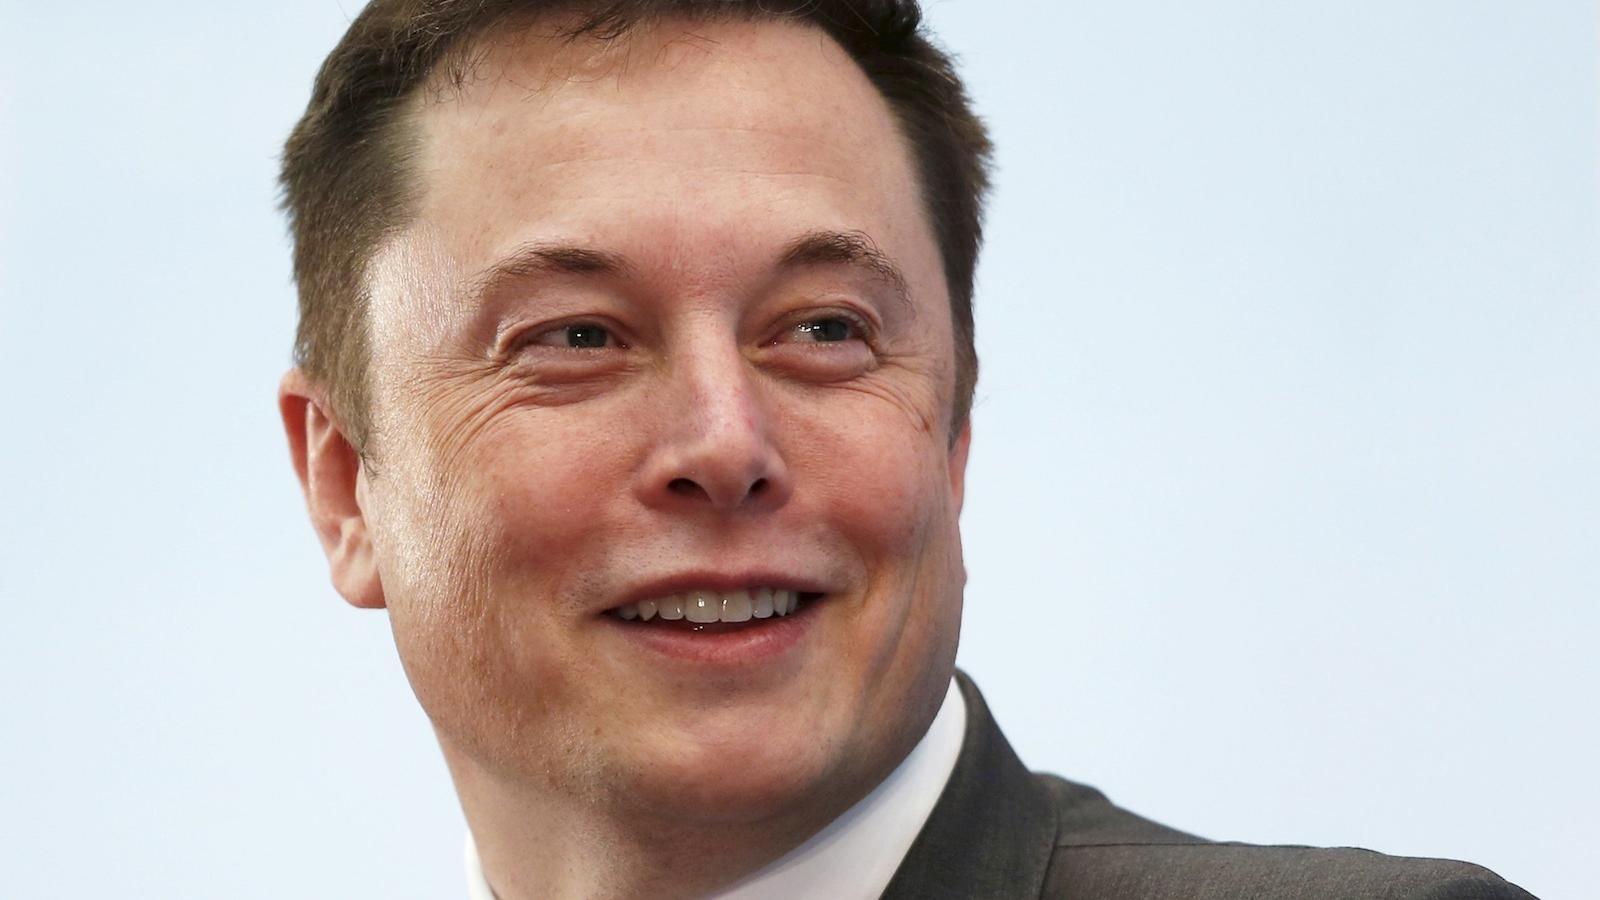 La solució d'Elon Musk per intentar rescatar els nens atrapats a la cova de Tailàndia